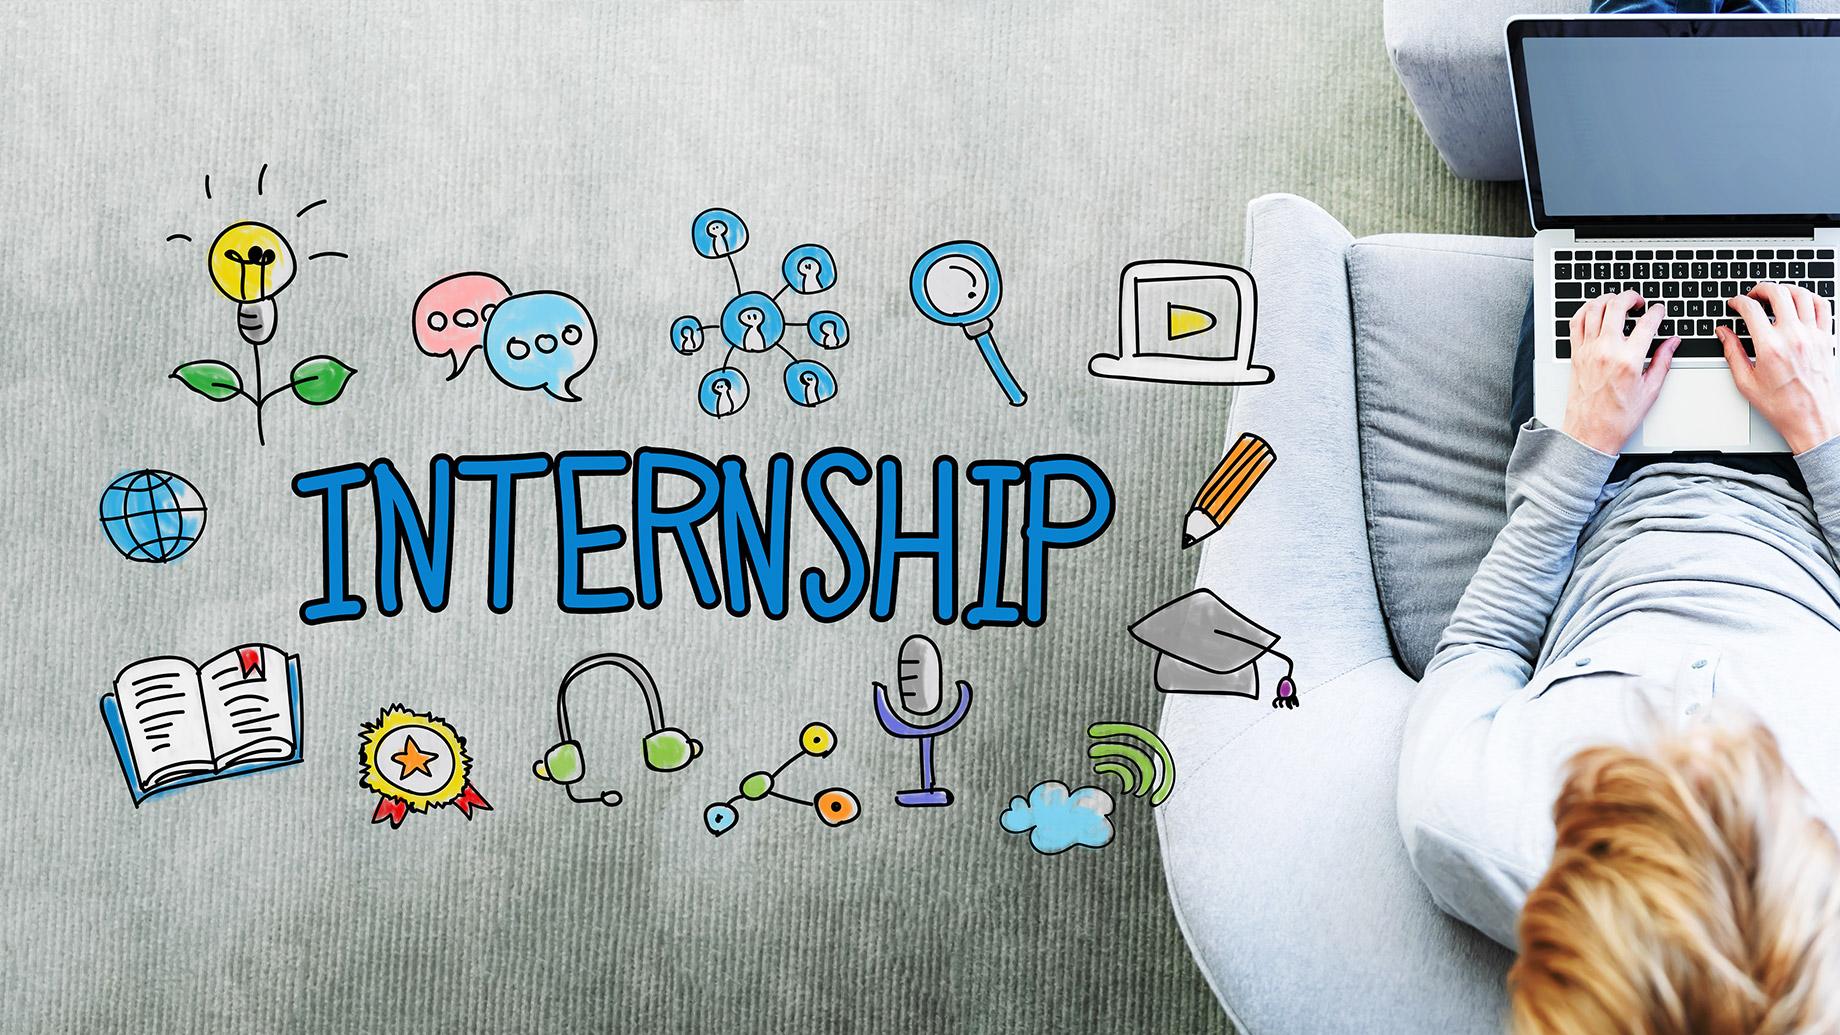 5 Benefits Of Doing An Internship